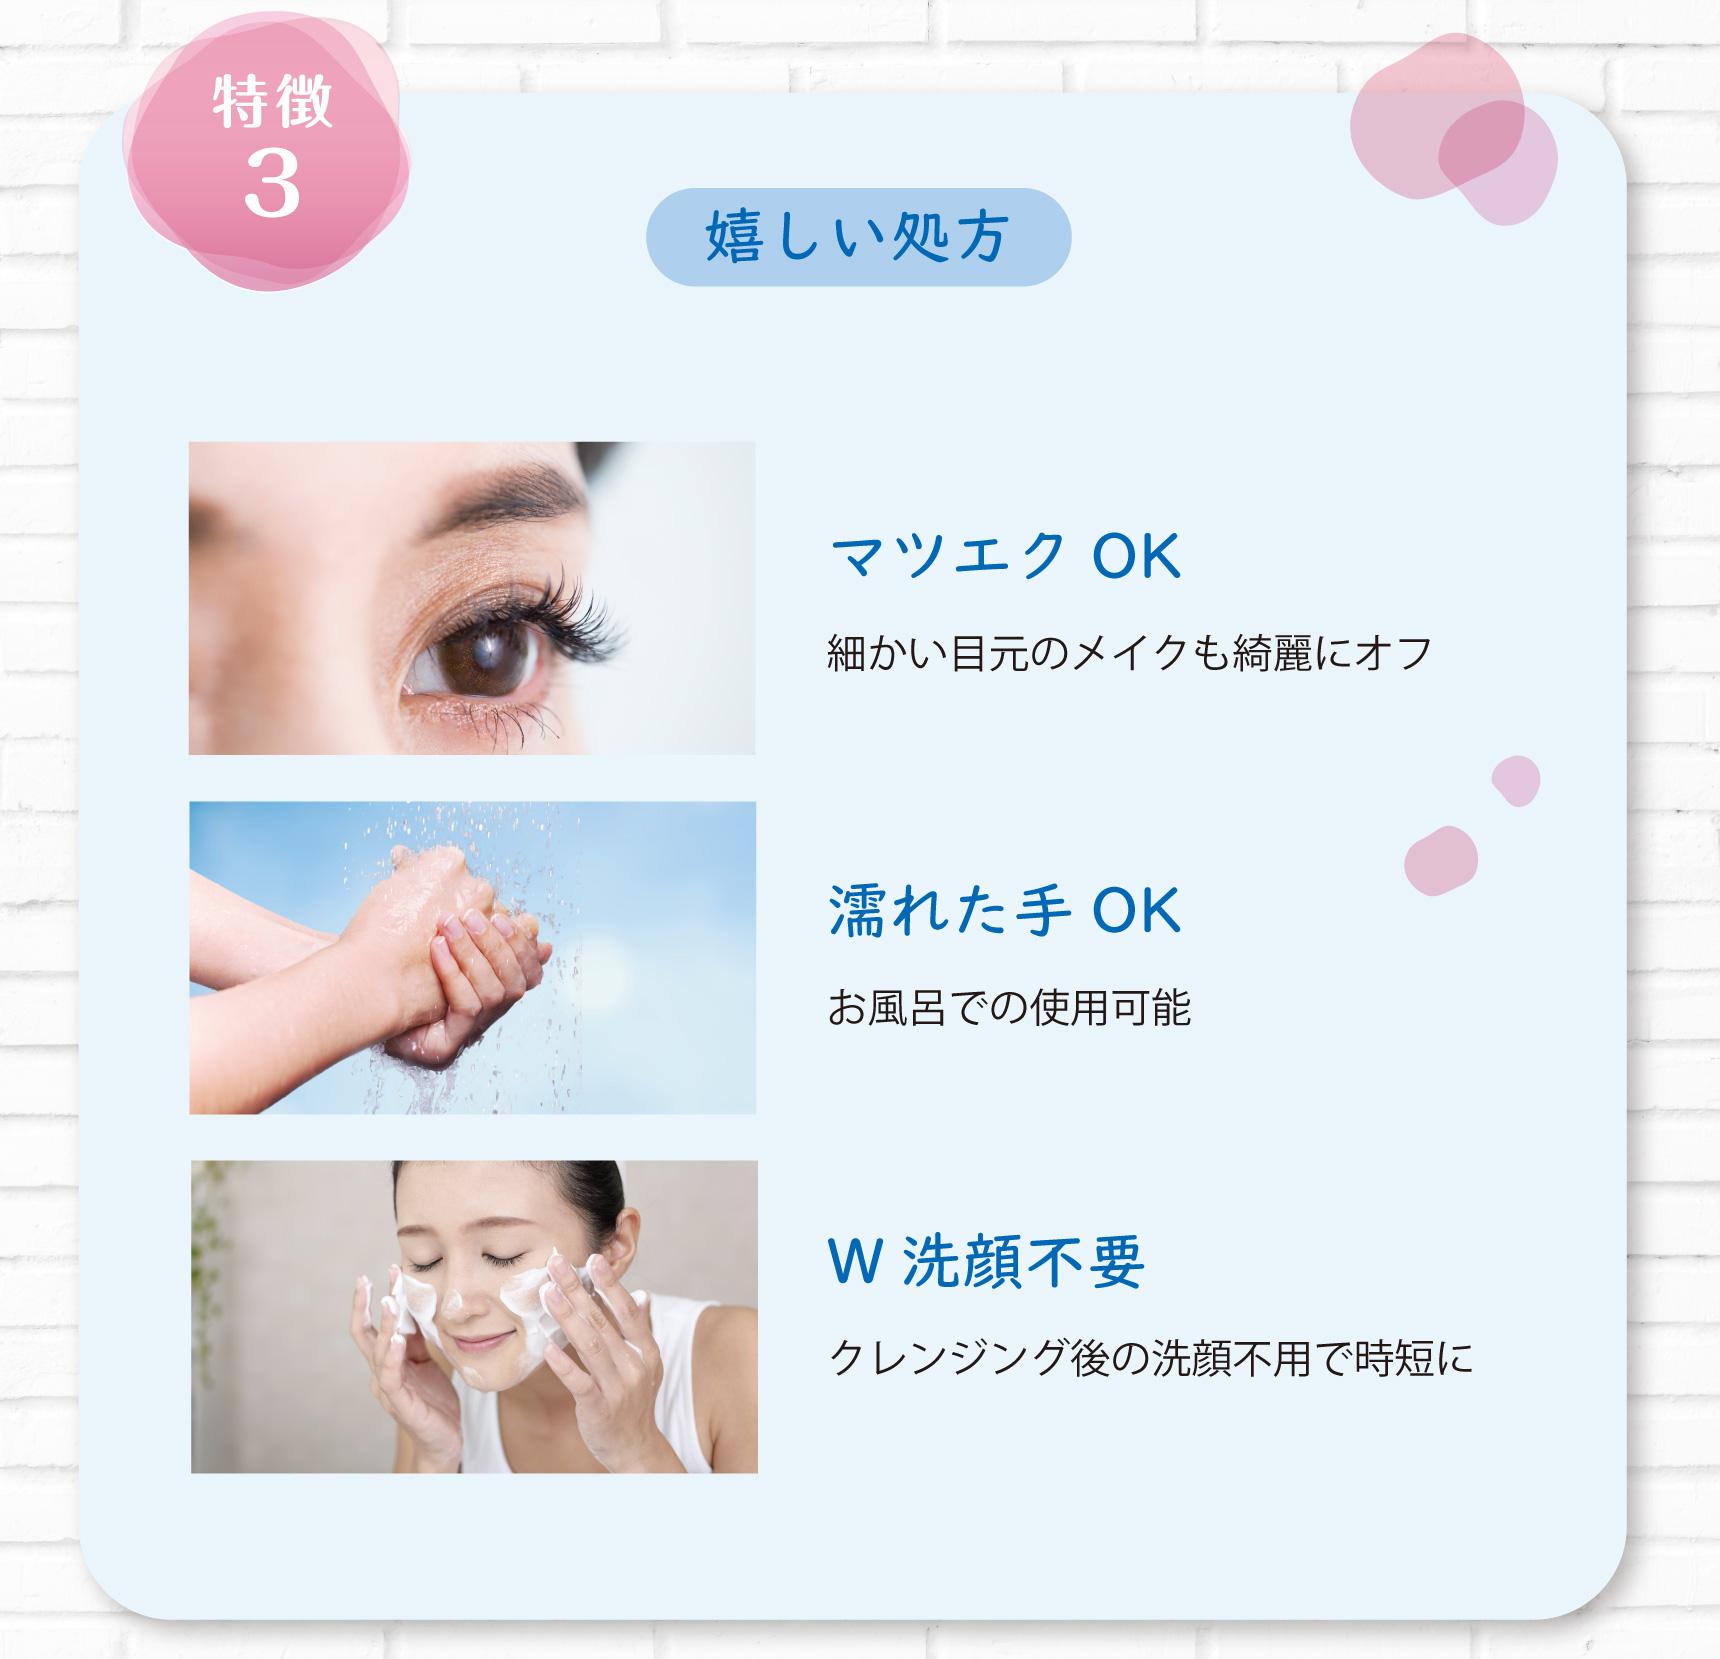 特徴3 嬉しい処方 マツエクOK 細かい目元のメイクも綺麗にオフ  濡れた手OK お風呂での使用可能  W洗顔不要 クレンジング後の洗顔不用で時短に